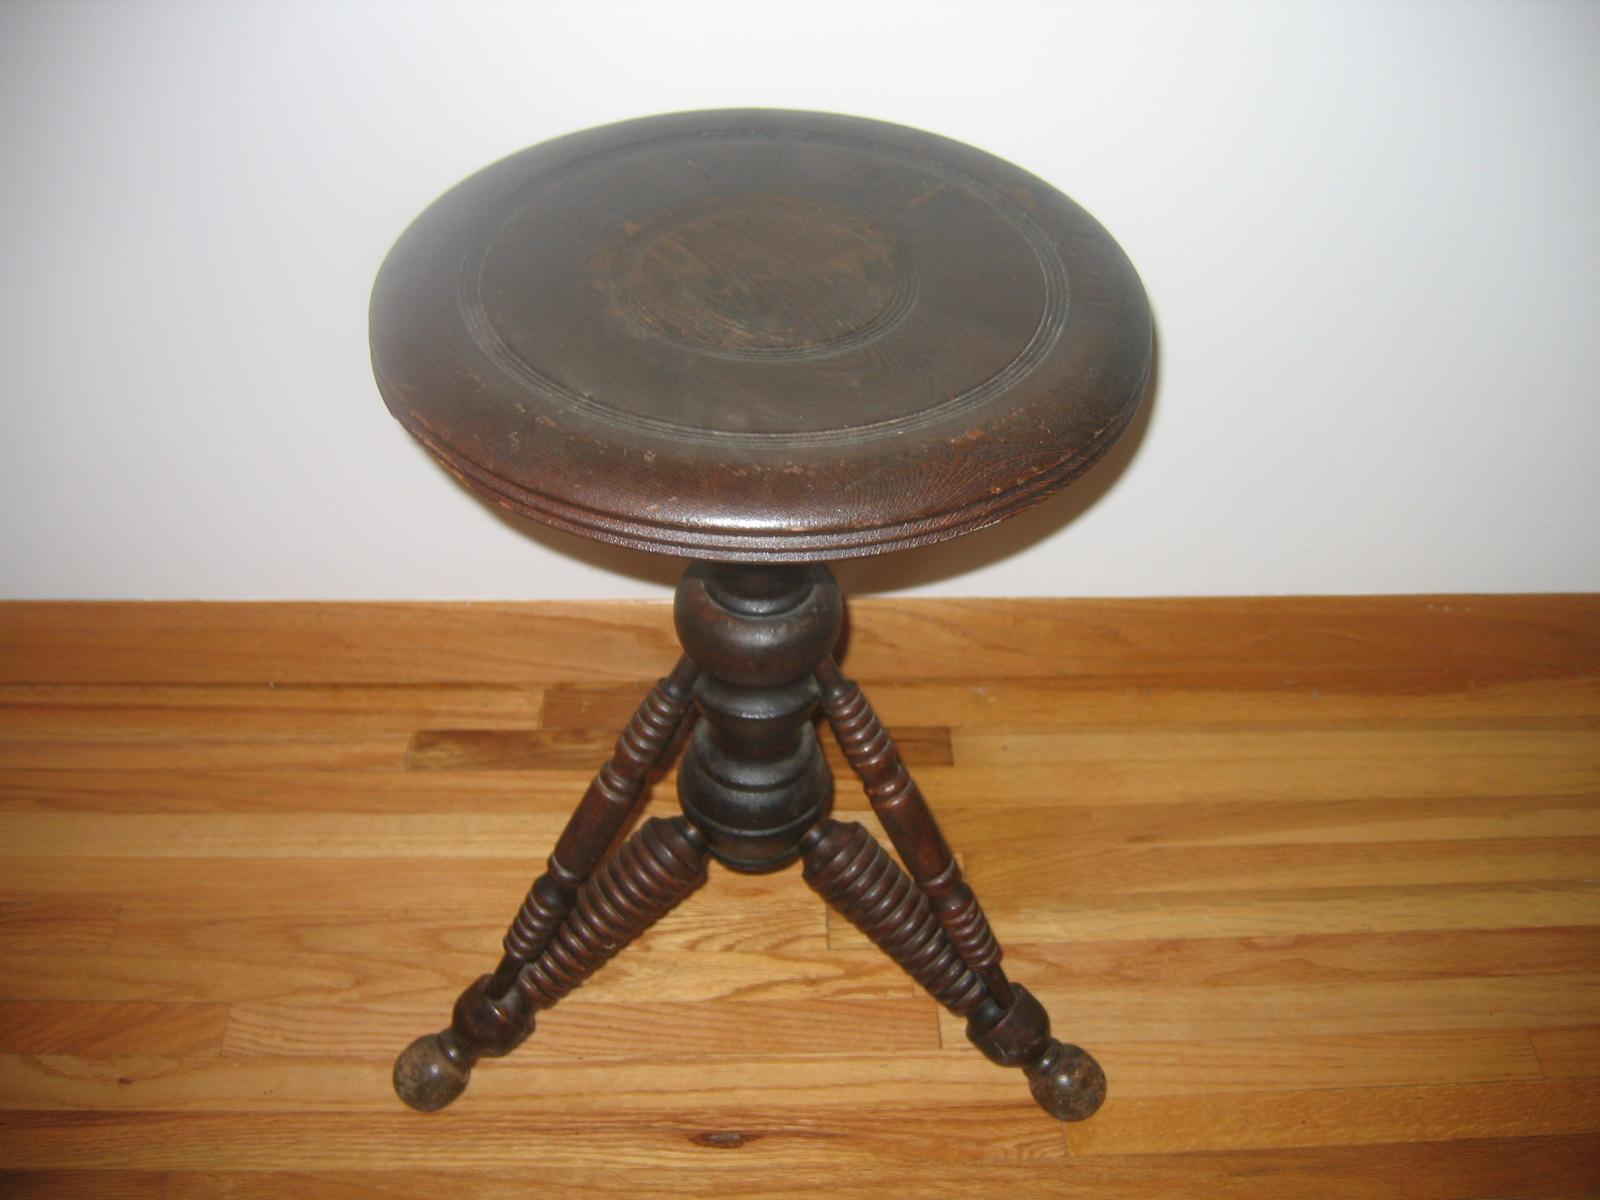 Antique Eastlake Wooden Swivel Adjustable Piano Stool Item #228 - For Sale & Antique Eastlake Wooden Swivel Adjustable Piano Stool Item #228 ... islam-shia.org